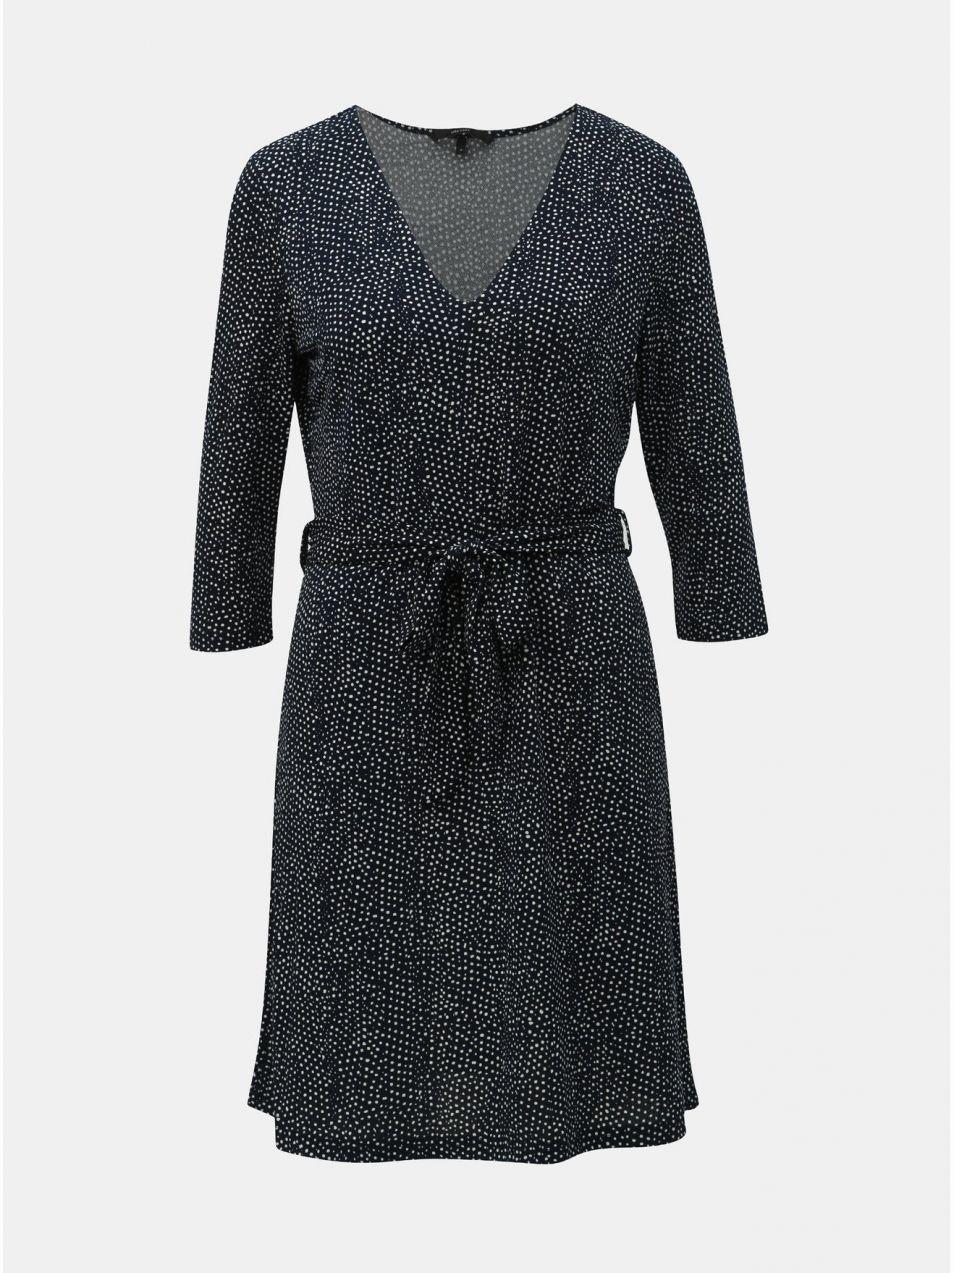 fac9b8a1c43c Tmavomodré bodkované šaty VERO MODA Tia značky Vero Moda - Lovely.sk